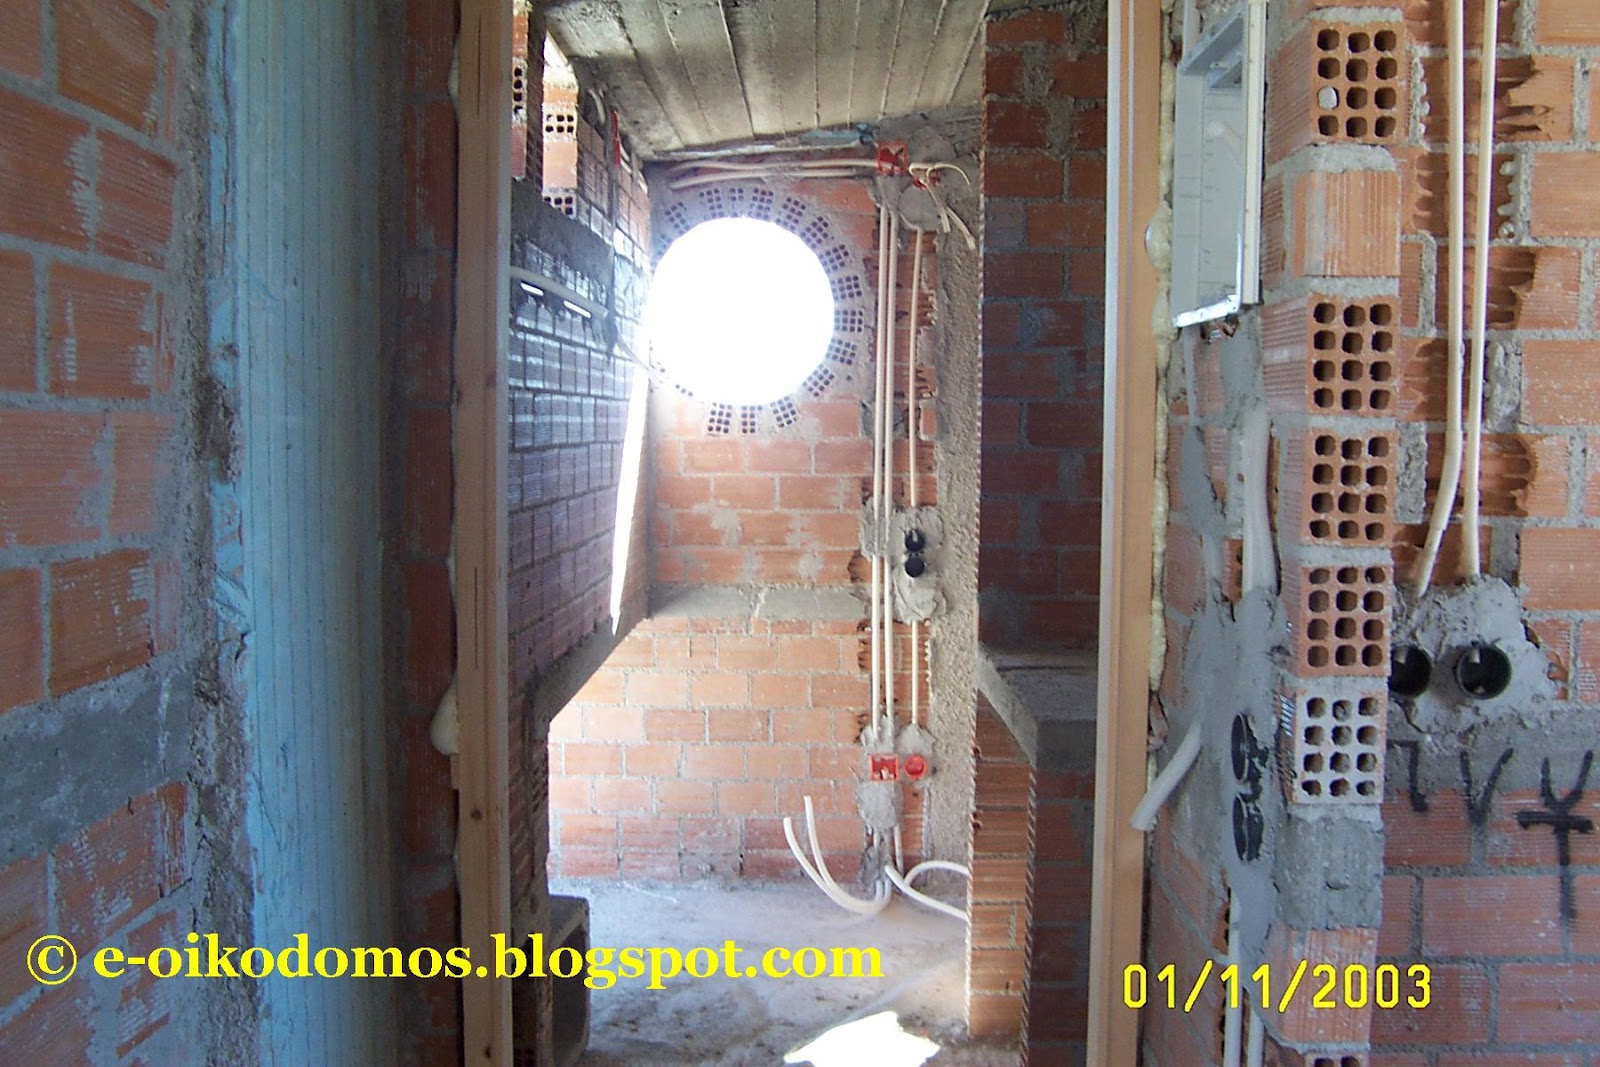 http://3.bp.blogspot.com/-RP6nkePKJgY/T7CF-hqudxI/AAAAAAAAFS8/rde6XJARWps/s1600/photo+045.jpg